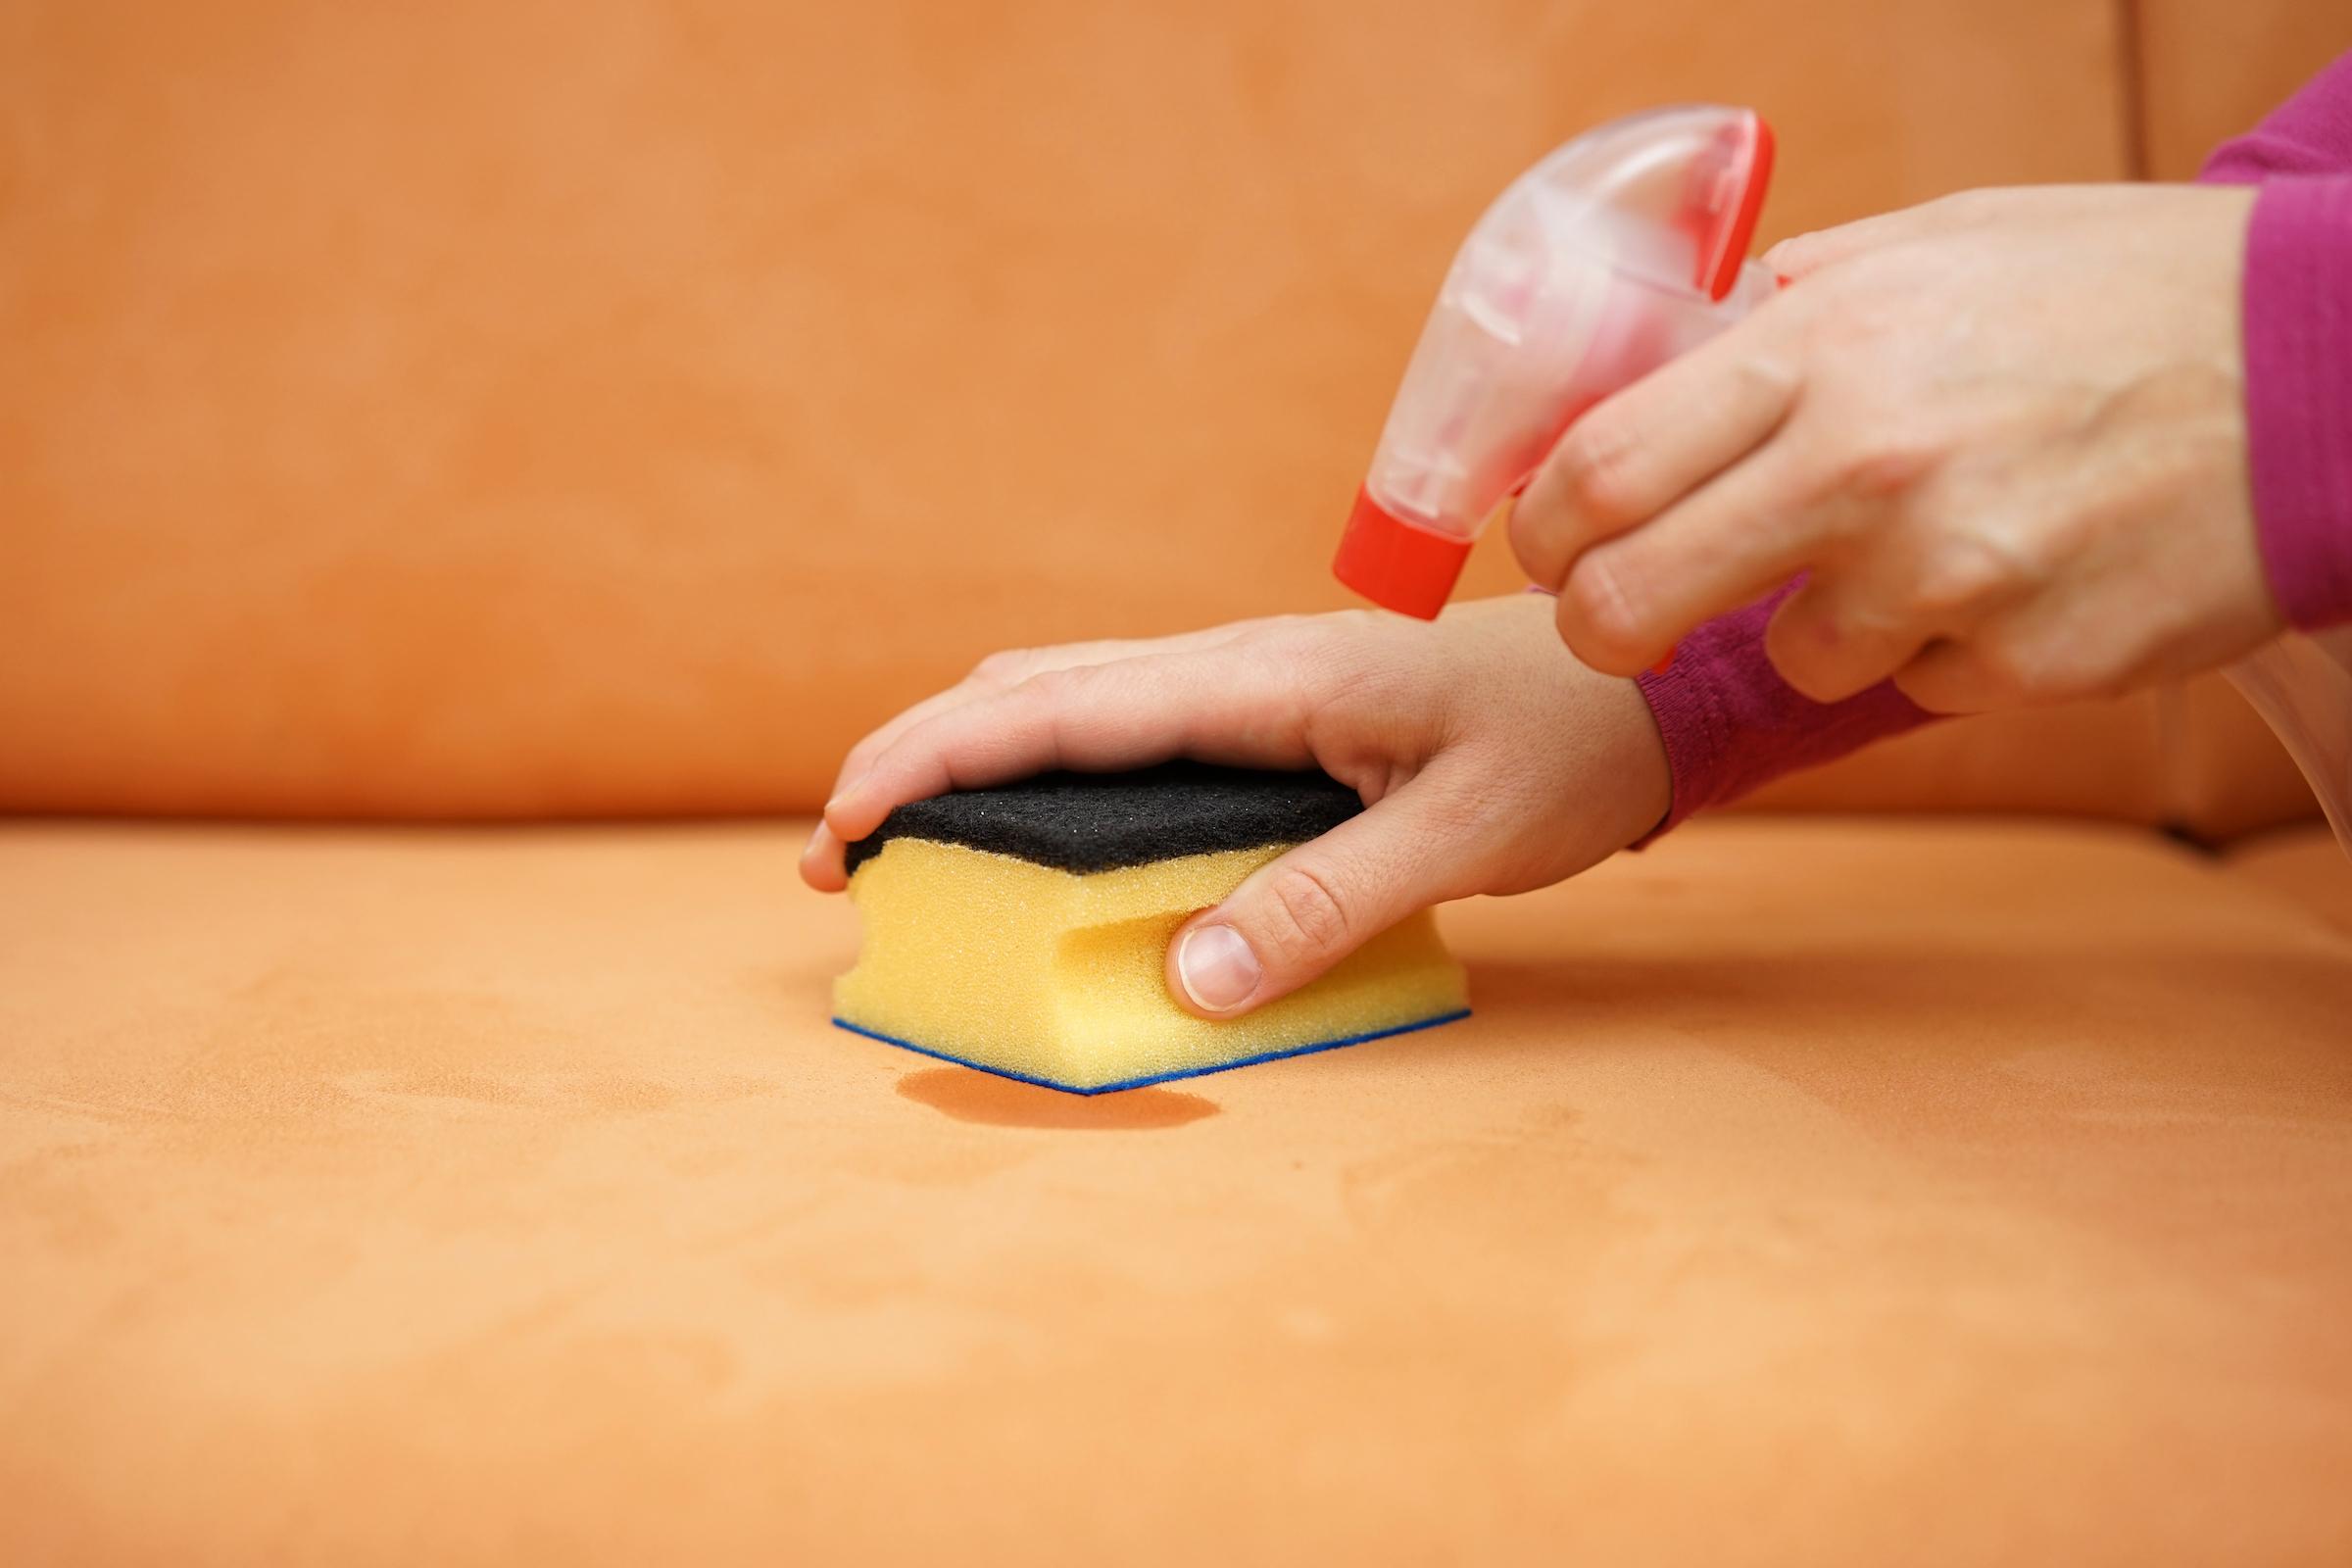 Trucos para limpiar las manchas del sofá de forma sencilla y con poco esfuerzo